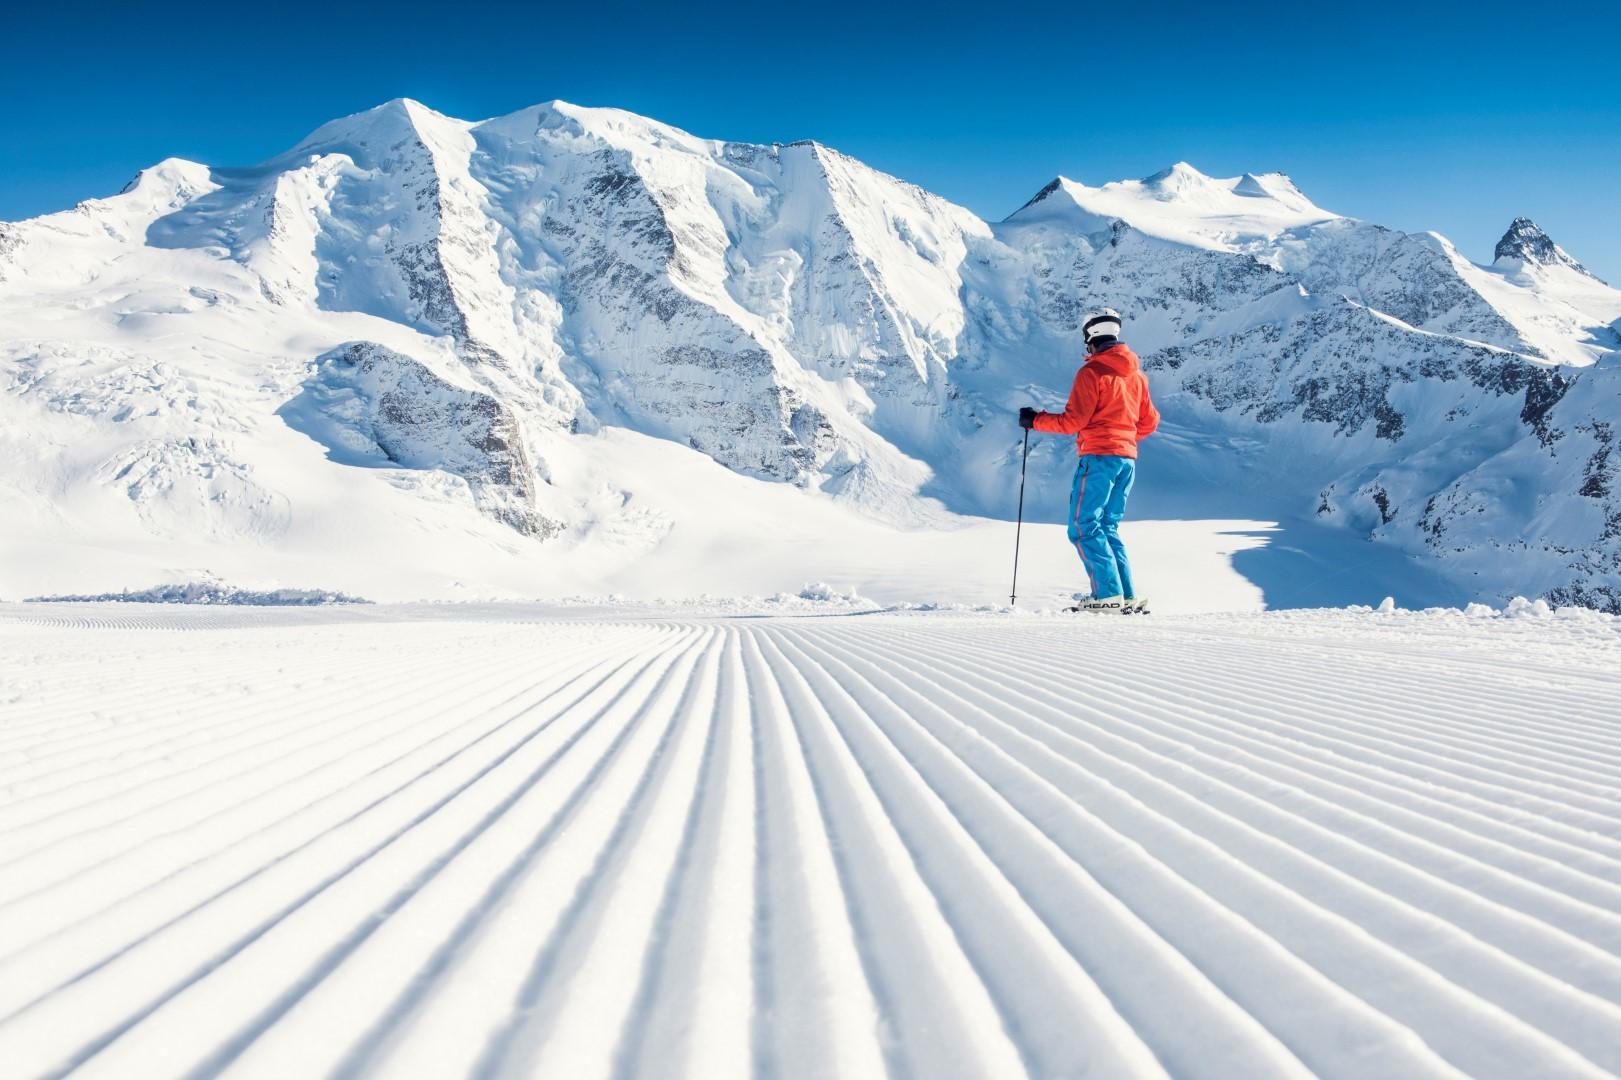 Le Alpi chiamano: dove si può già sciare